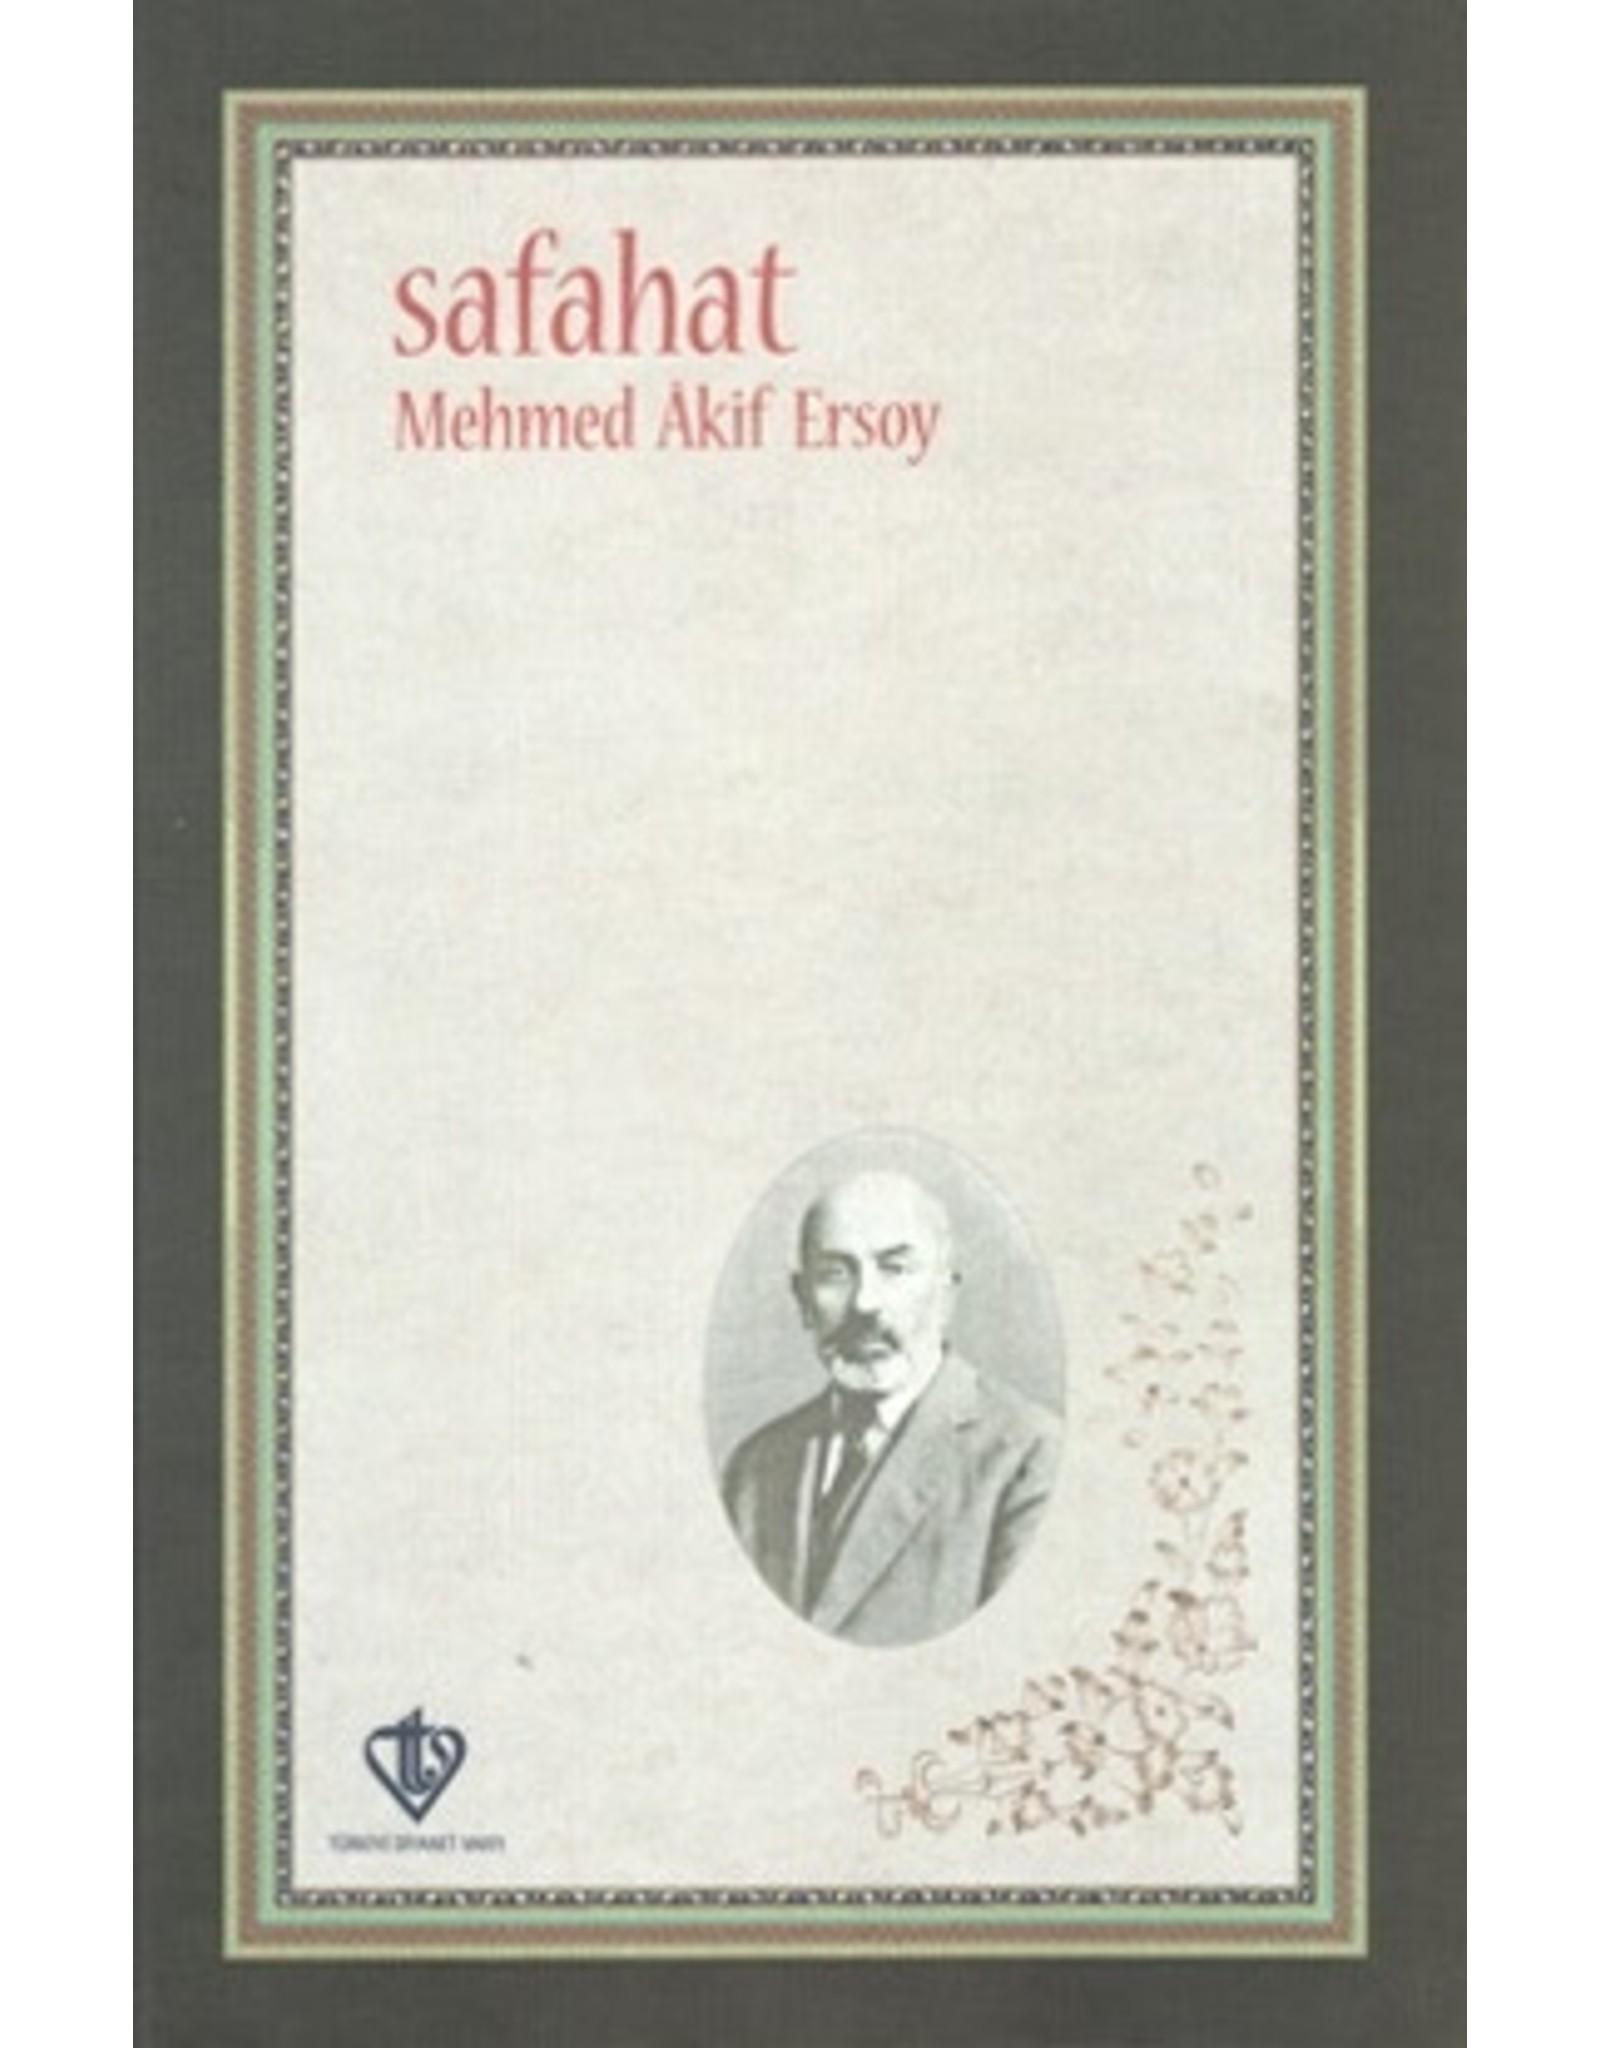 Mehmet Akif Ersoy Safahat